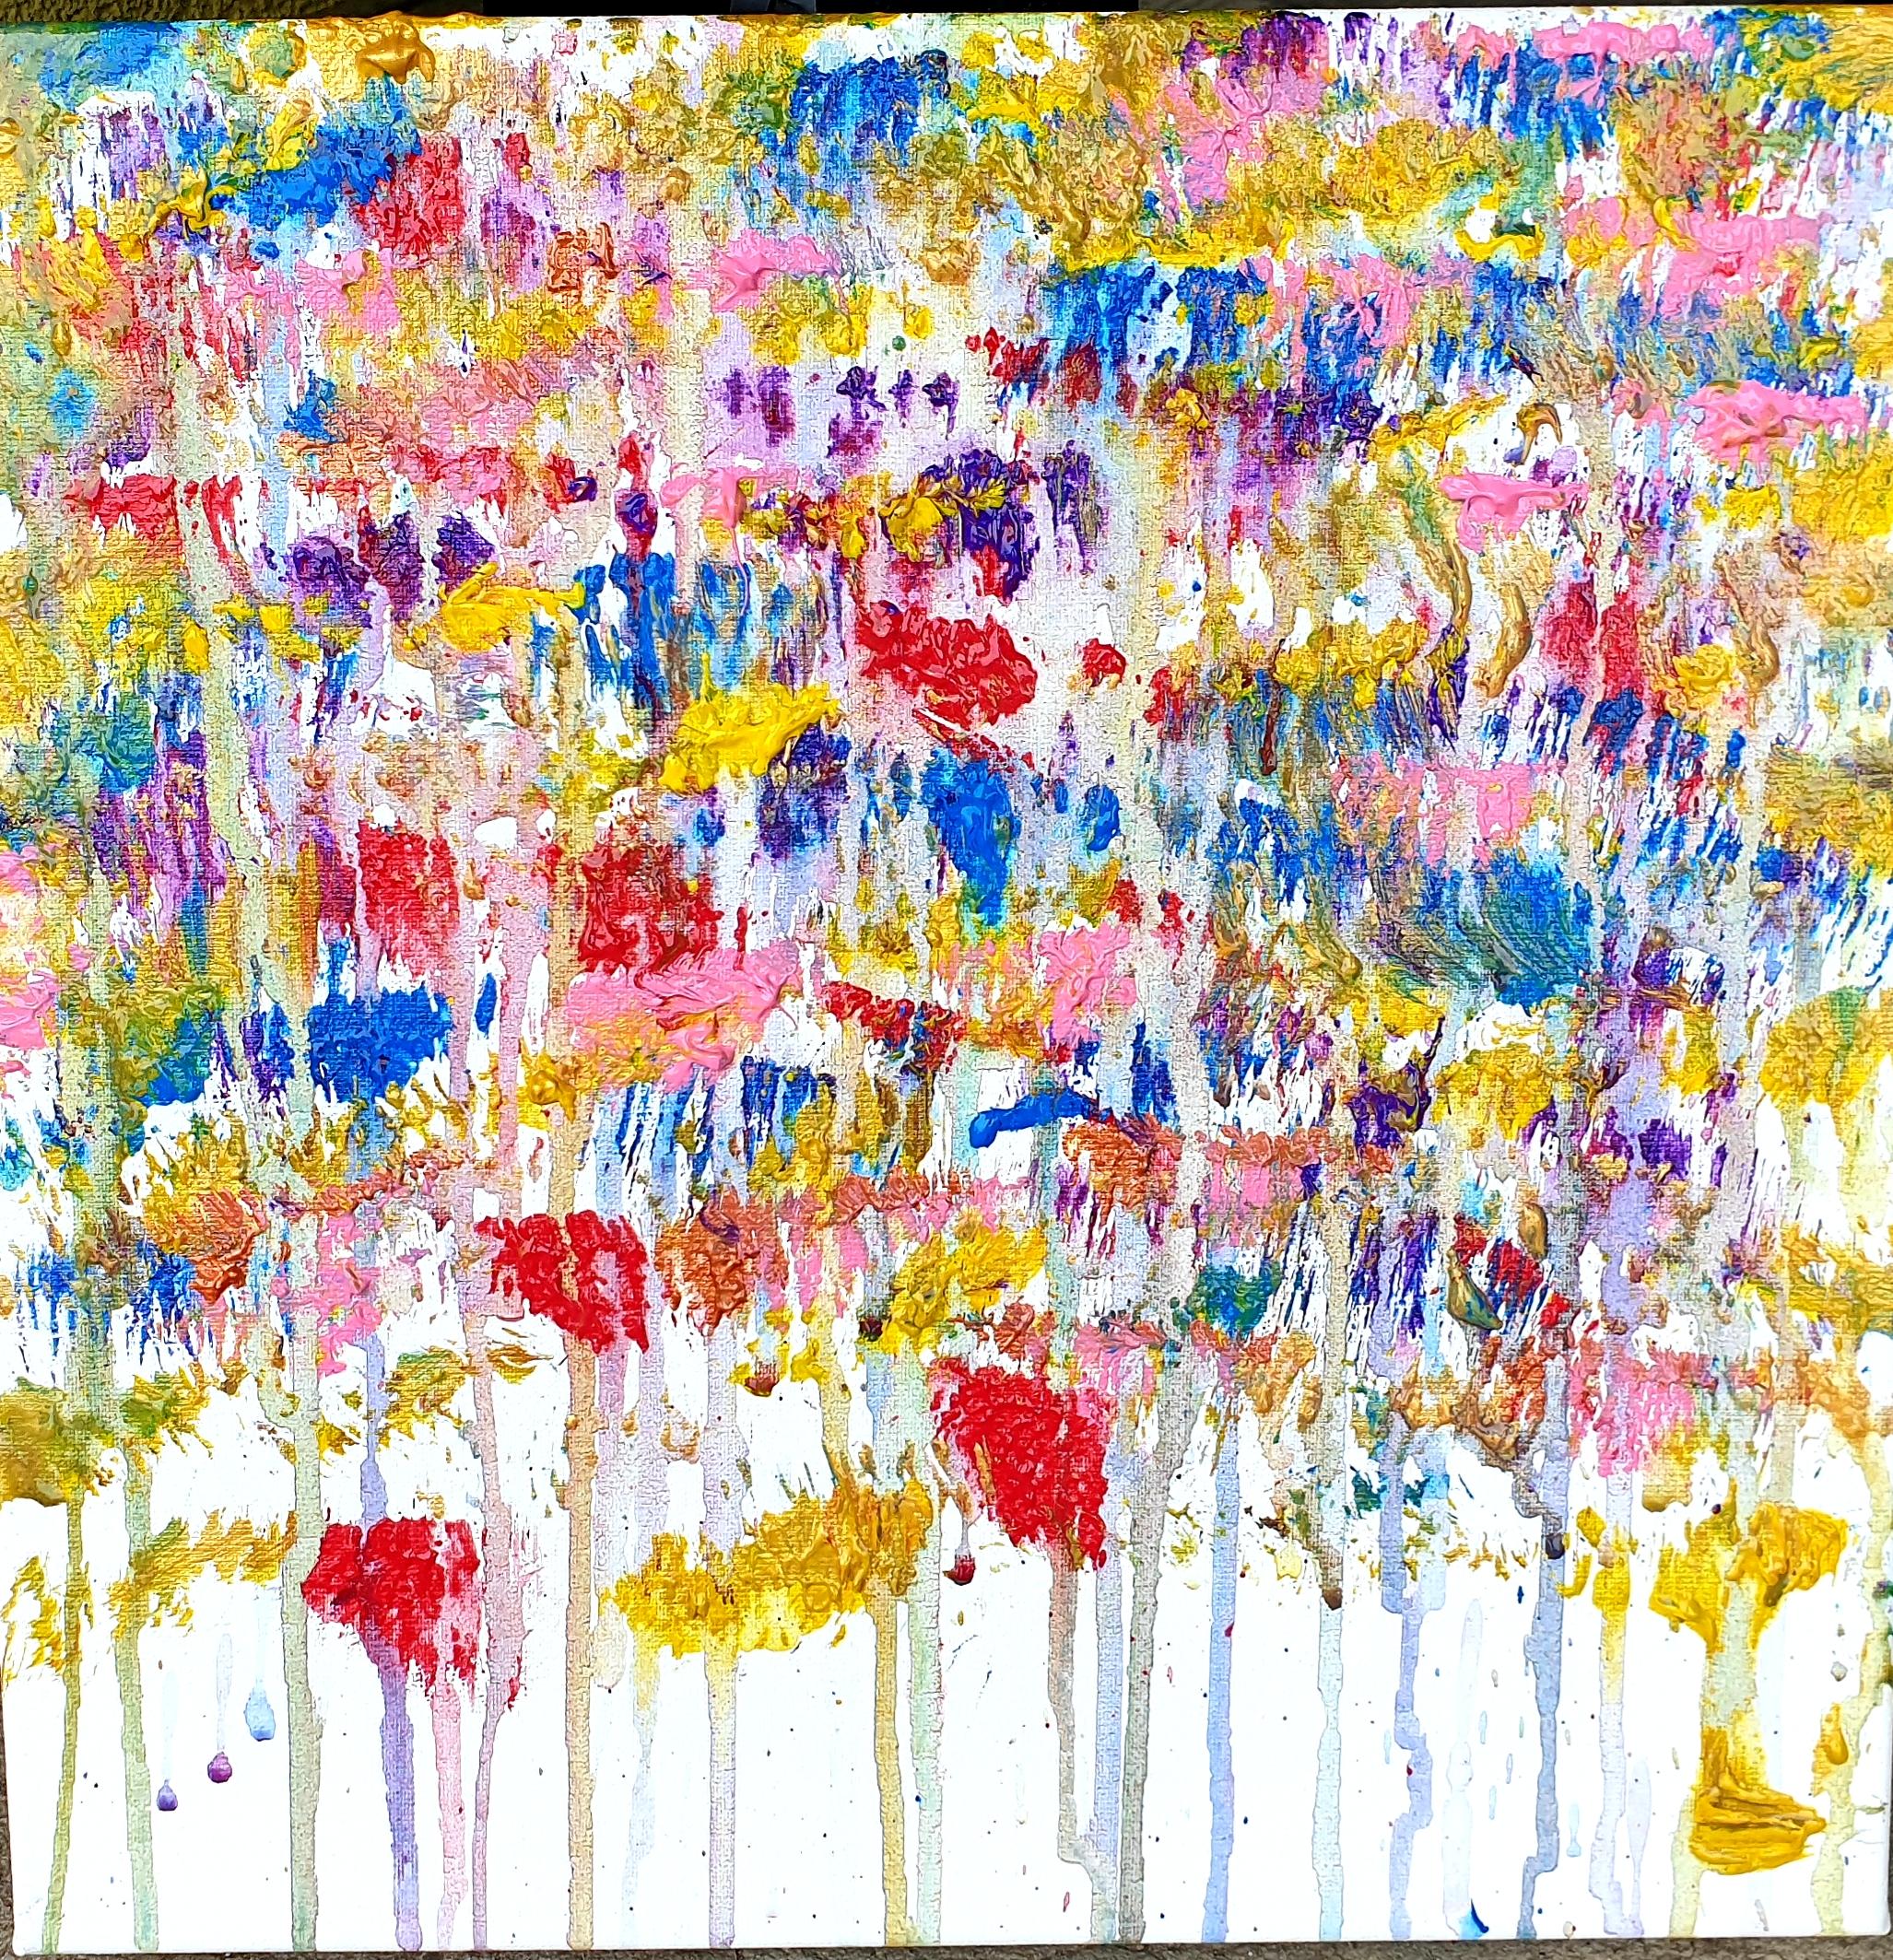 """Obraz akryl 50cm x 50cm pt. """"Deszczowa łąka"""" (2019)"""